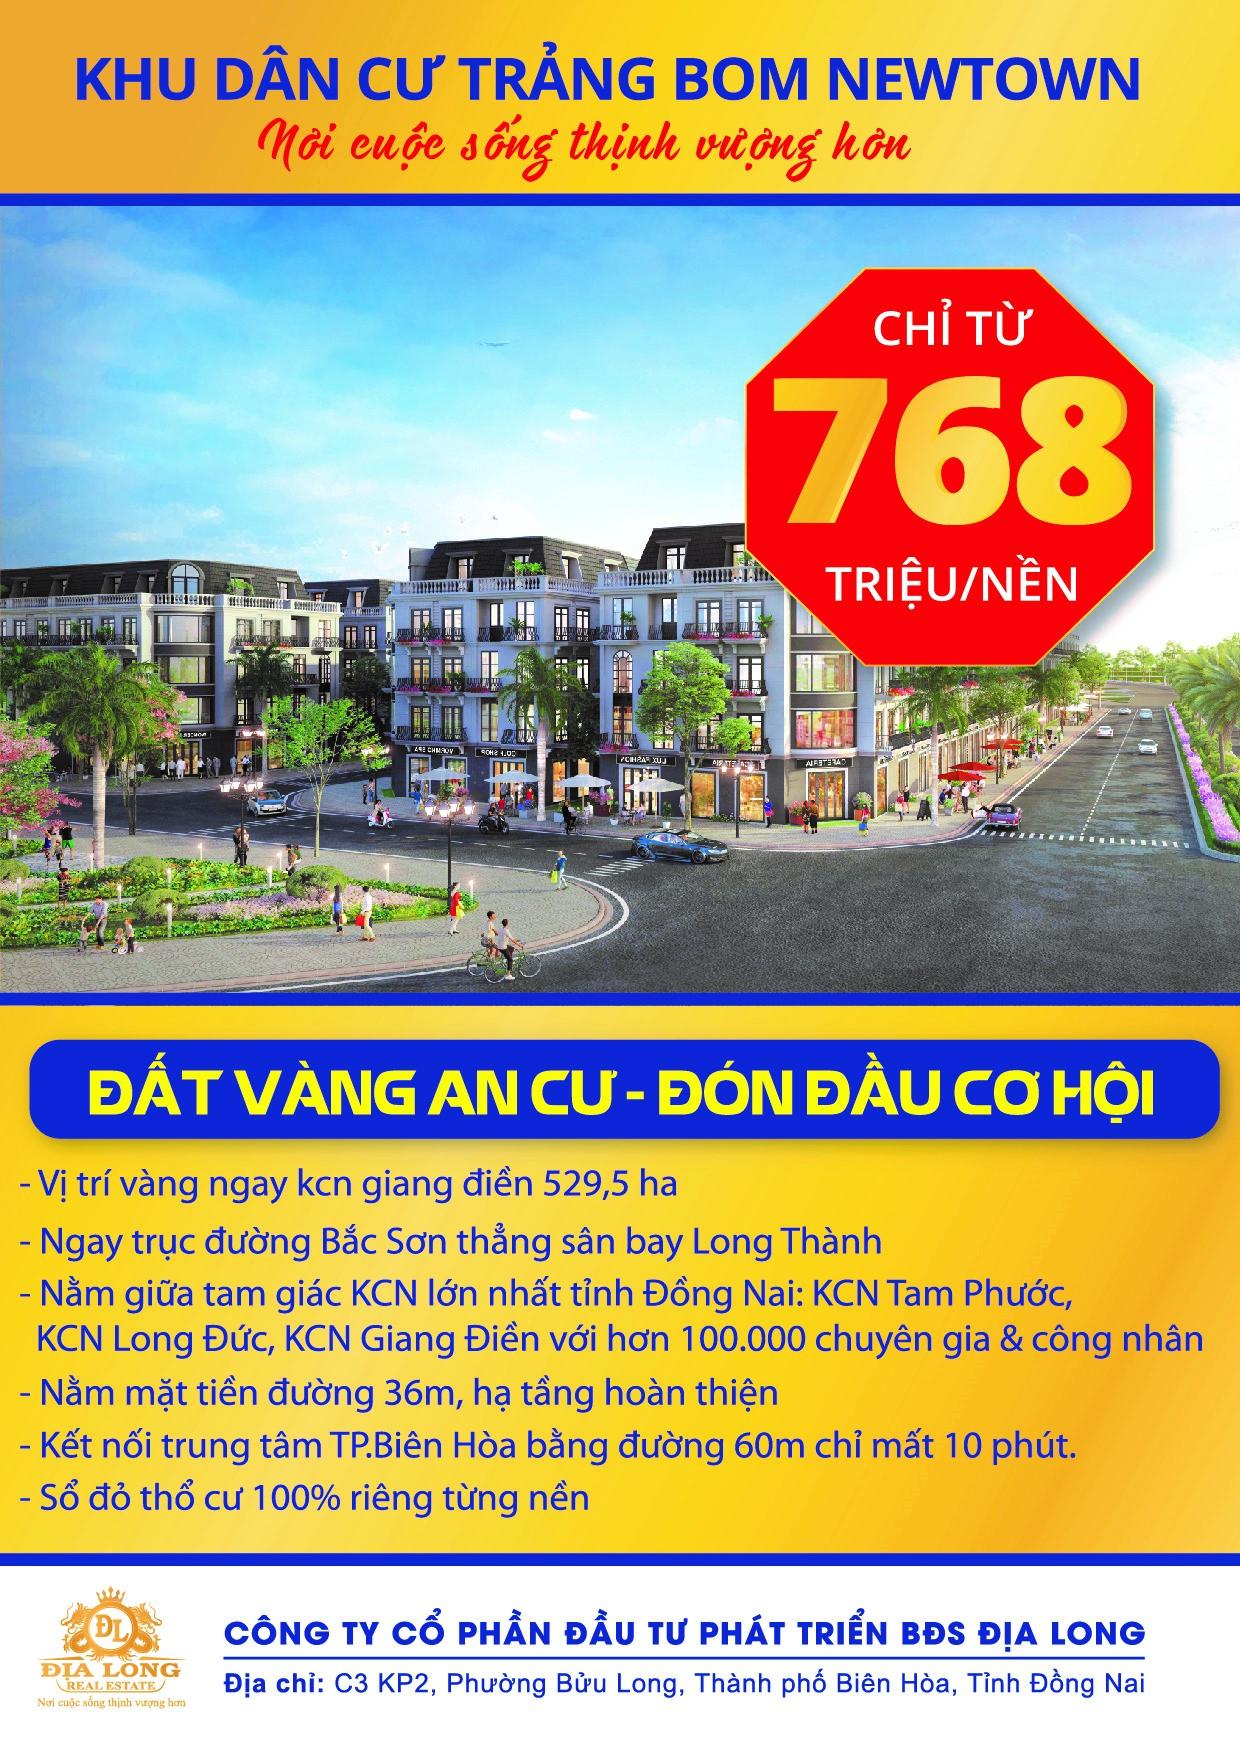 Dự án Đất Chợ KCN Giang Điền - Đất Vàng An Cư